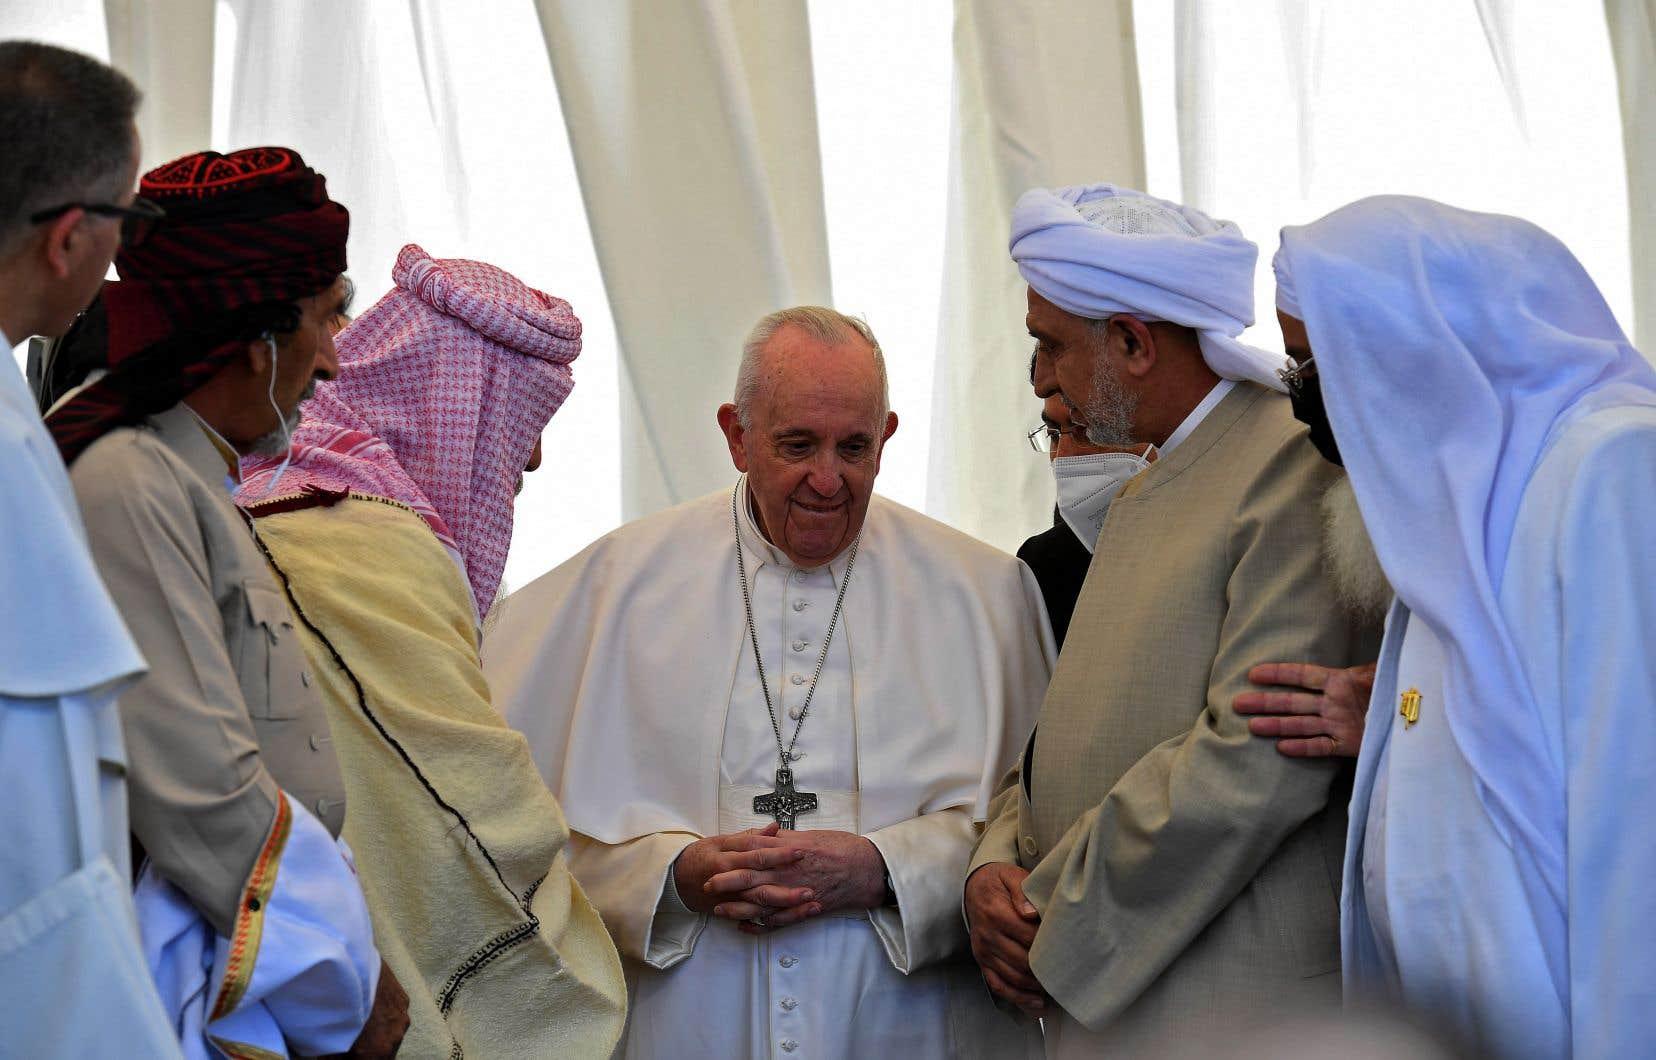 Il faut «cheminer du conflit à l'unité» dans «tout le Moyen-Orient» et «en particulier en Syrie, martyrisée», a plaidé le pape.